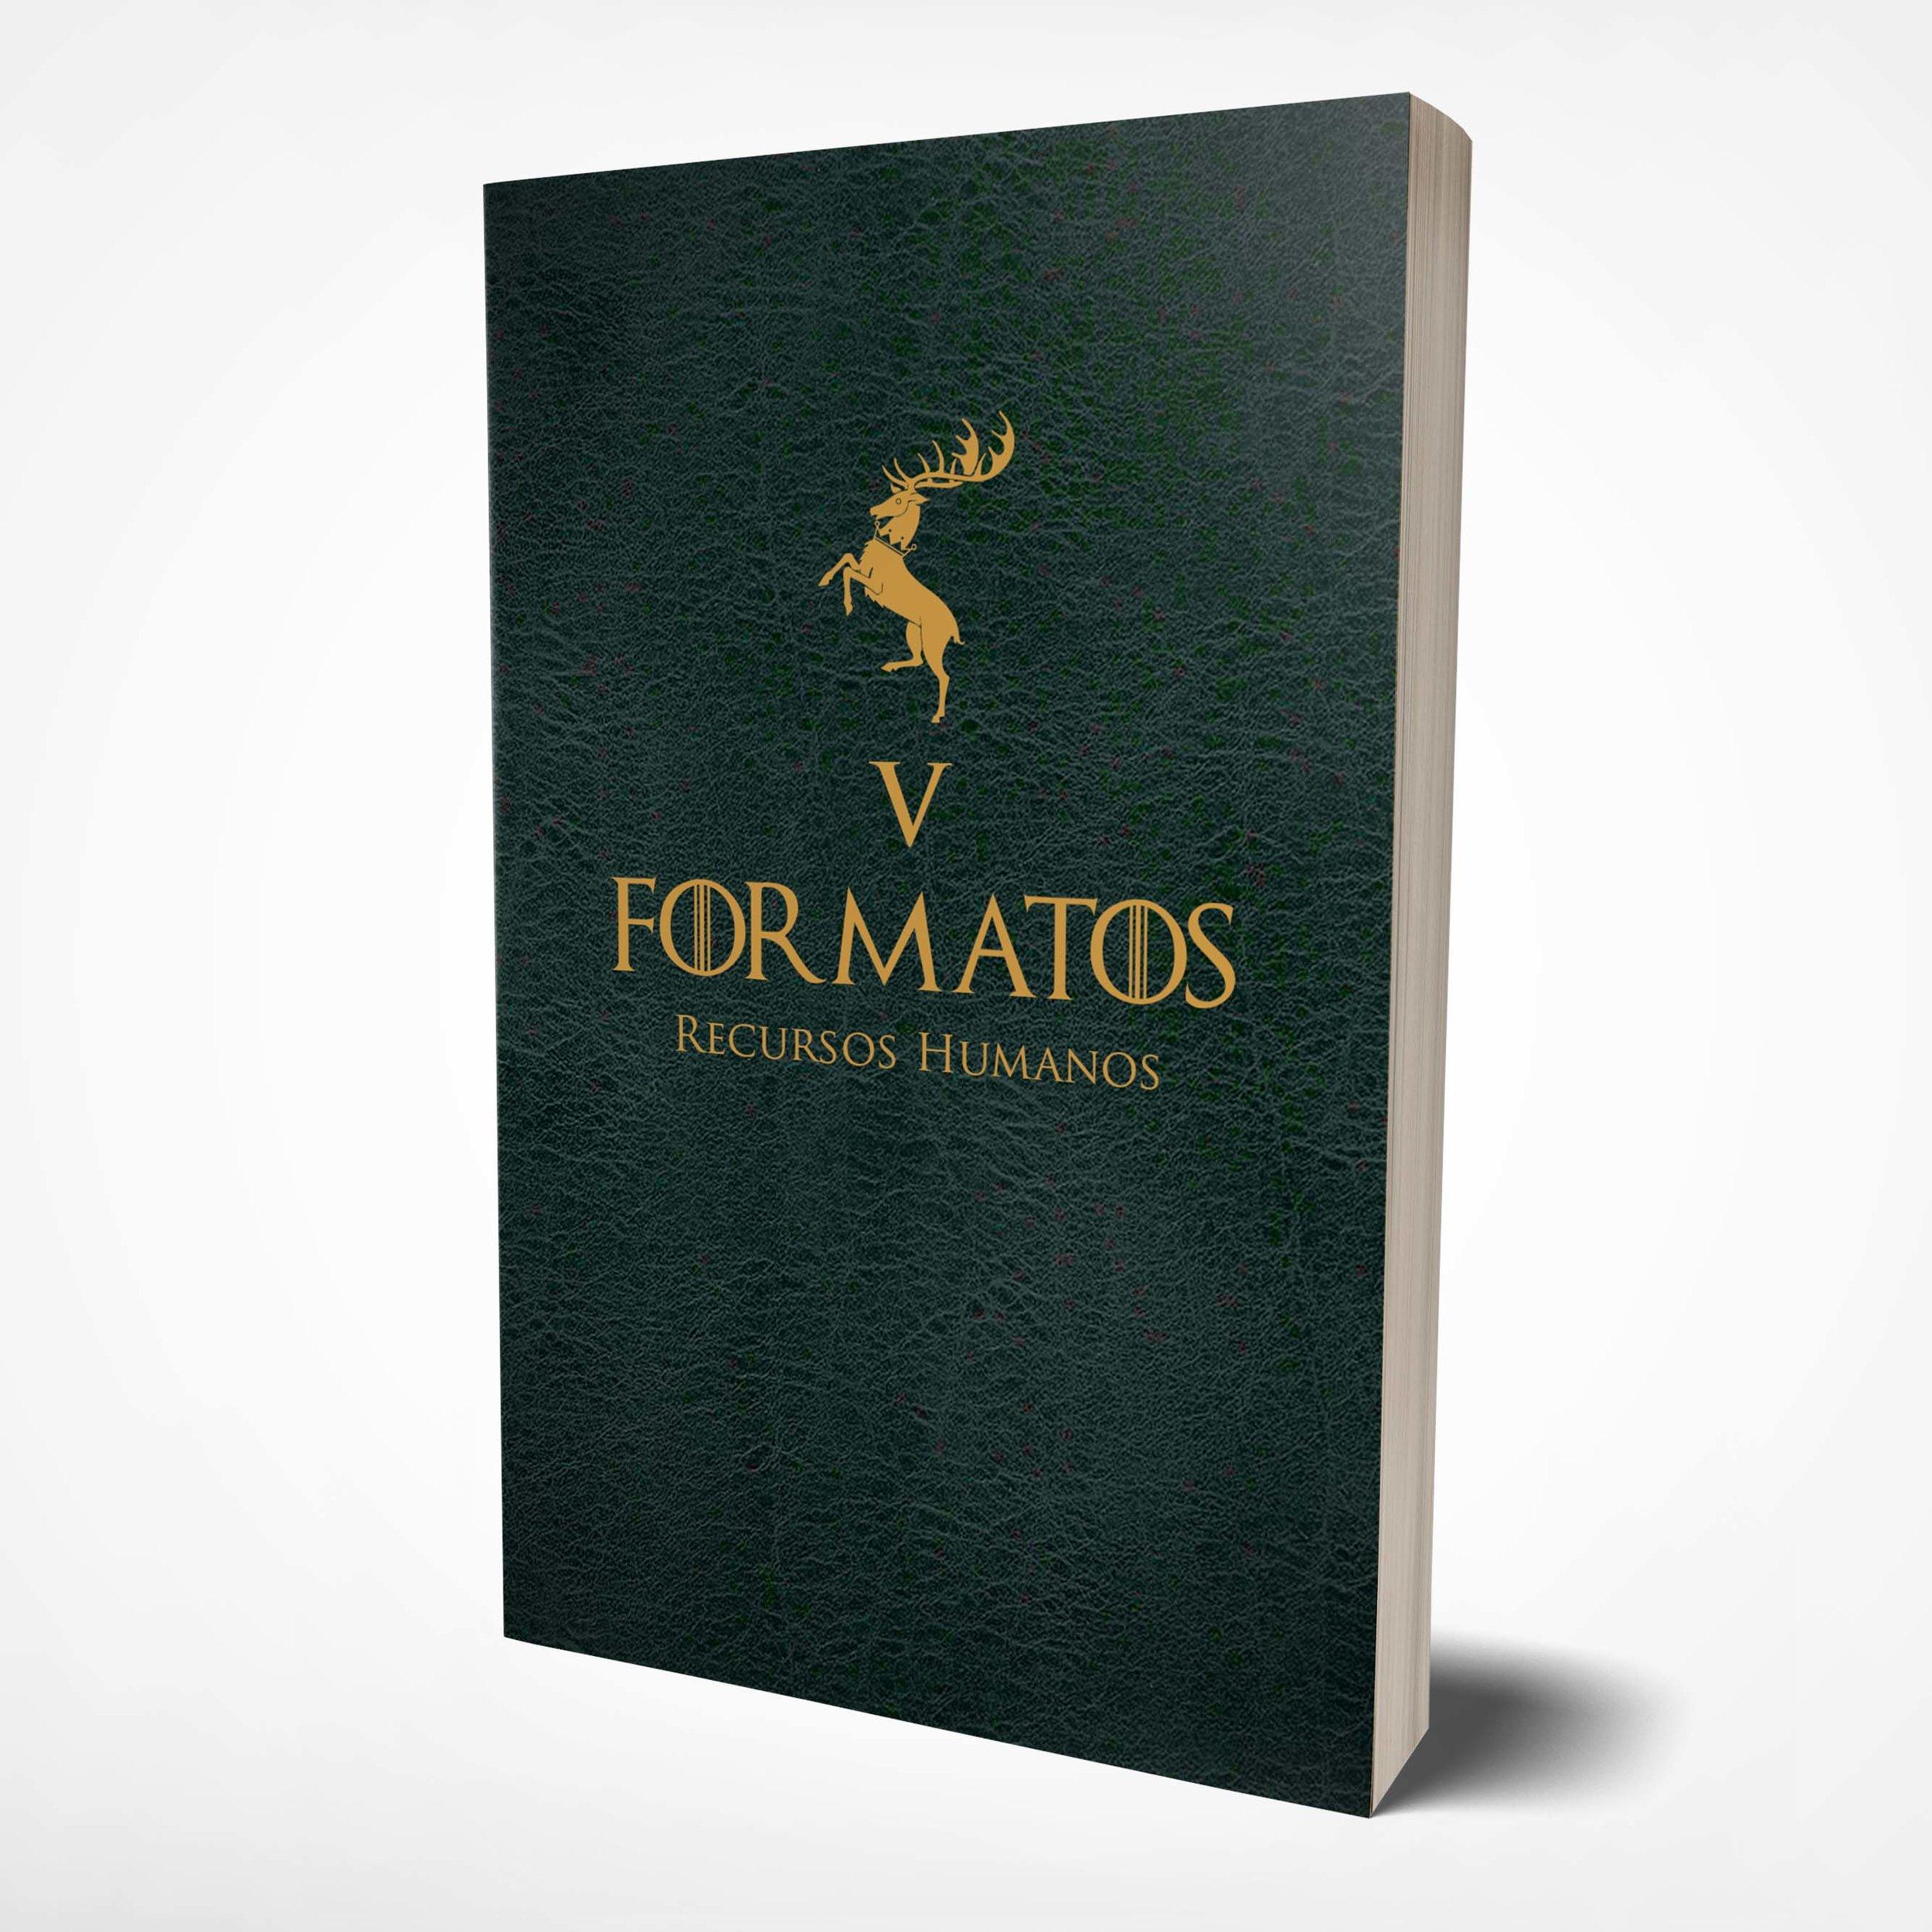 libro-got-05-2.jpg